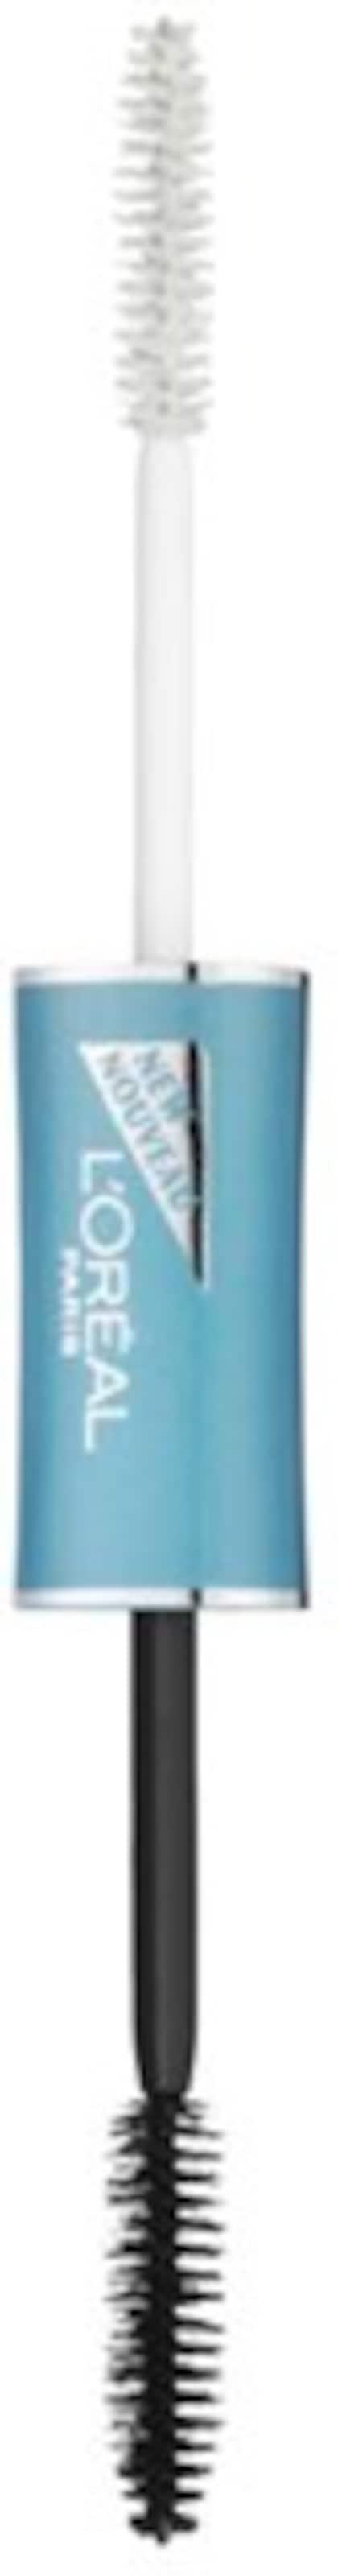 L'Oréal Paris 'Double Extension' Mascara Lieferung Frei Haus Mit Paypal uQqbbj4qsP